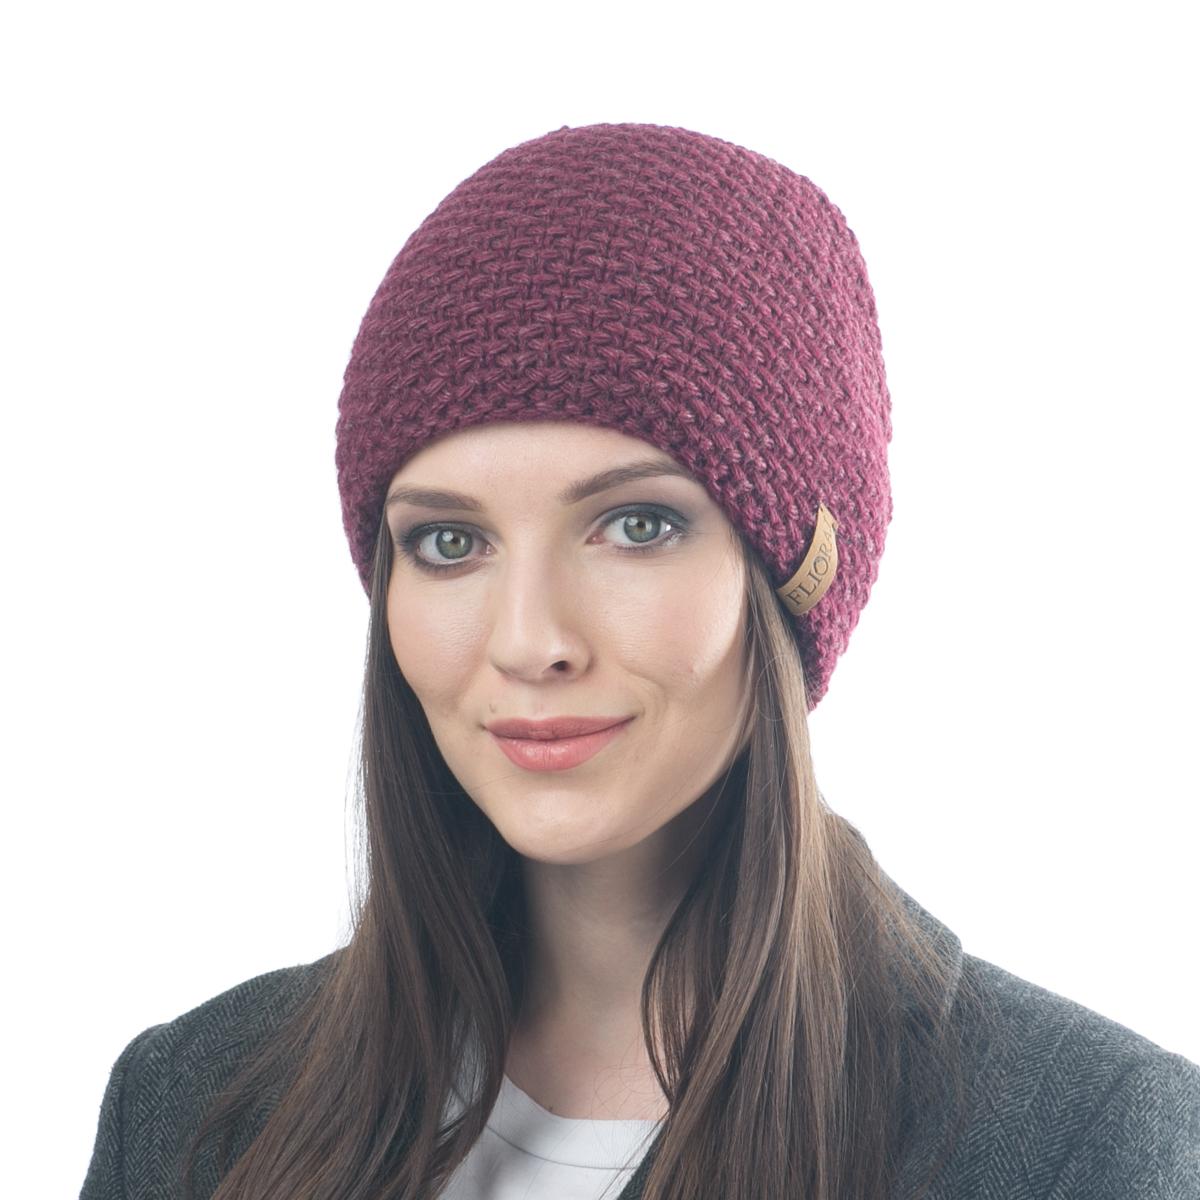 Шапка женская. 05FJ05FJТеплая двойная шапка, связанная из овечьей шерсти и шерсти горной альпаки. Украшена нашивкой из натуральной кожи. Поднимет настроение и отлично согреет в холодную погоду.